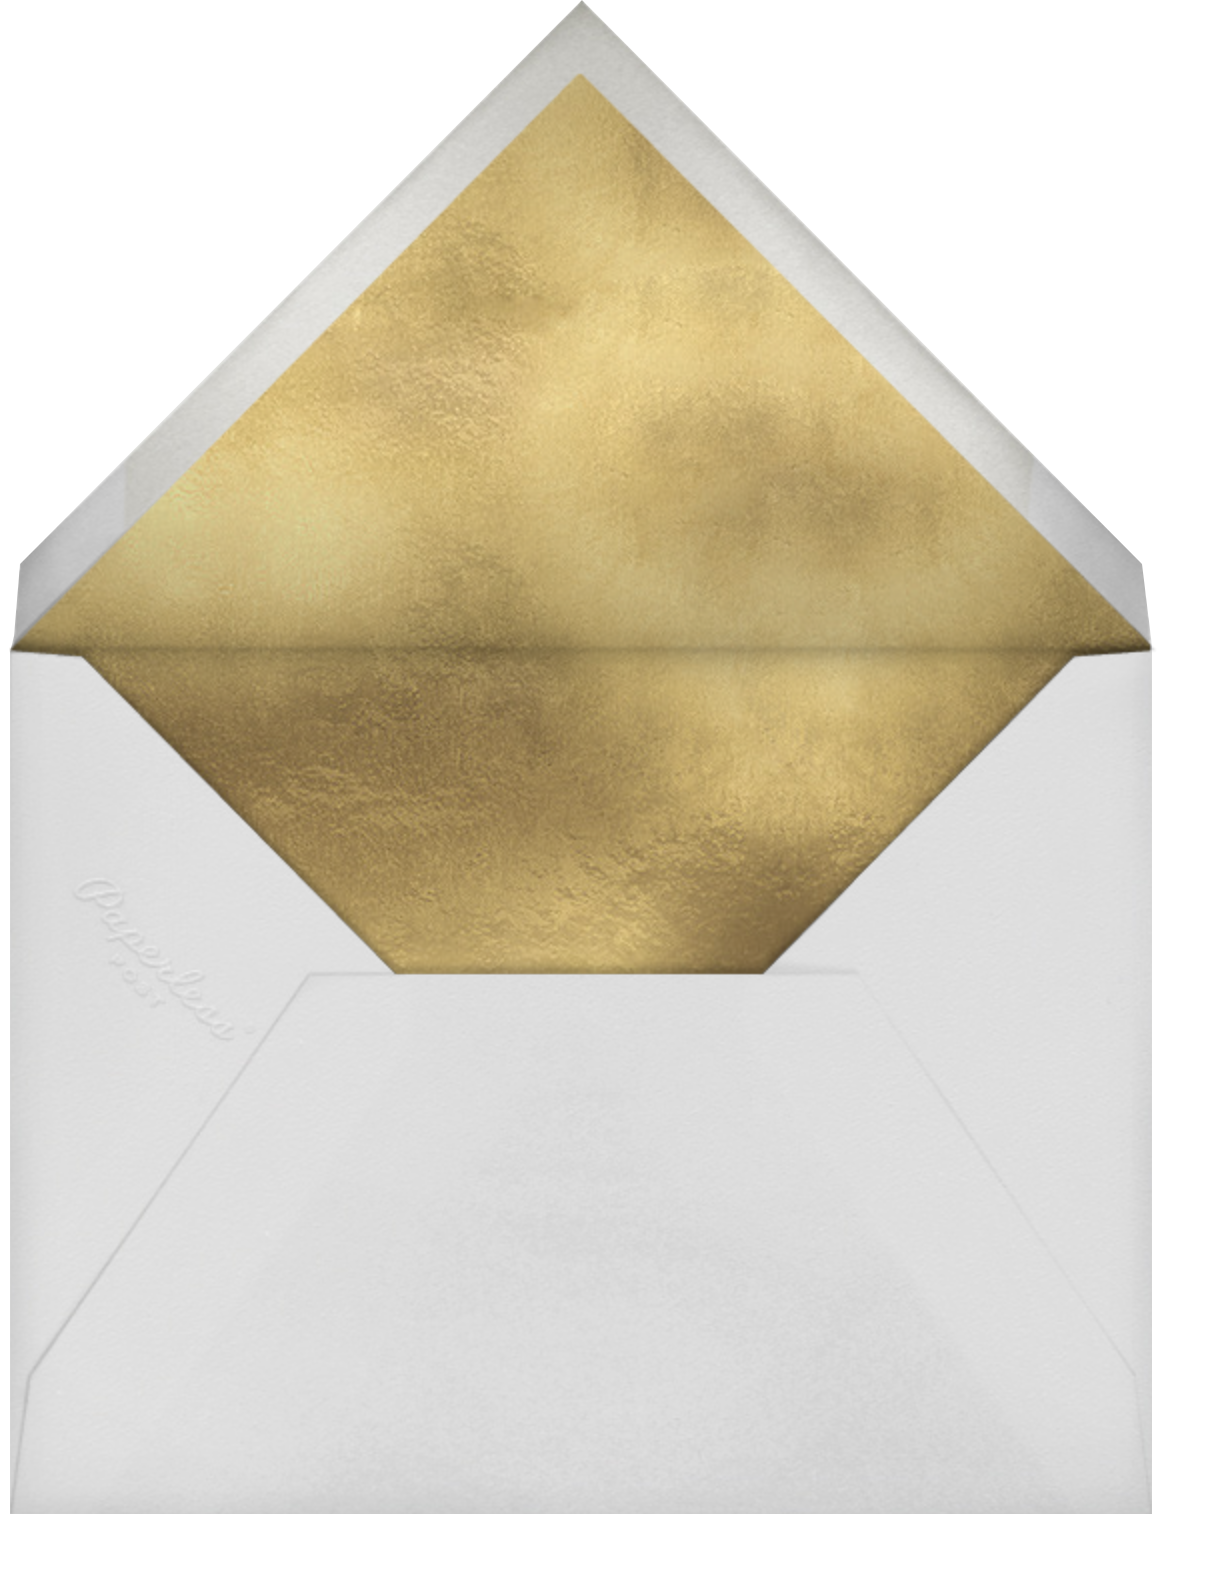 Flemish Tapestry - Oscar de la Renta - Bridal shower - envelope back